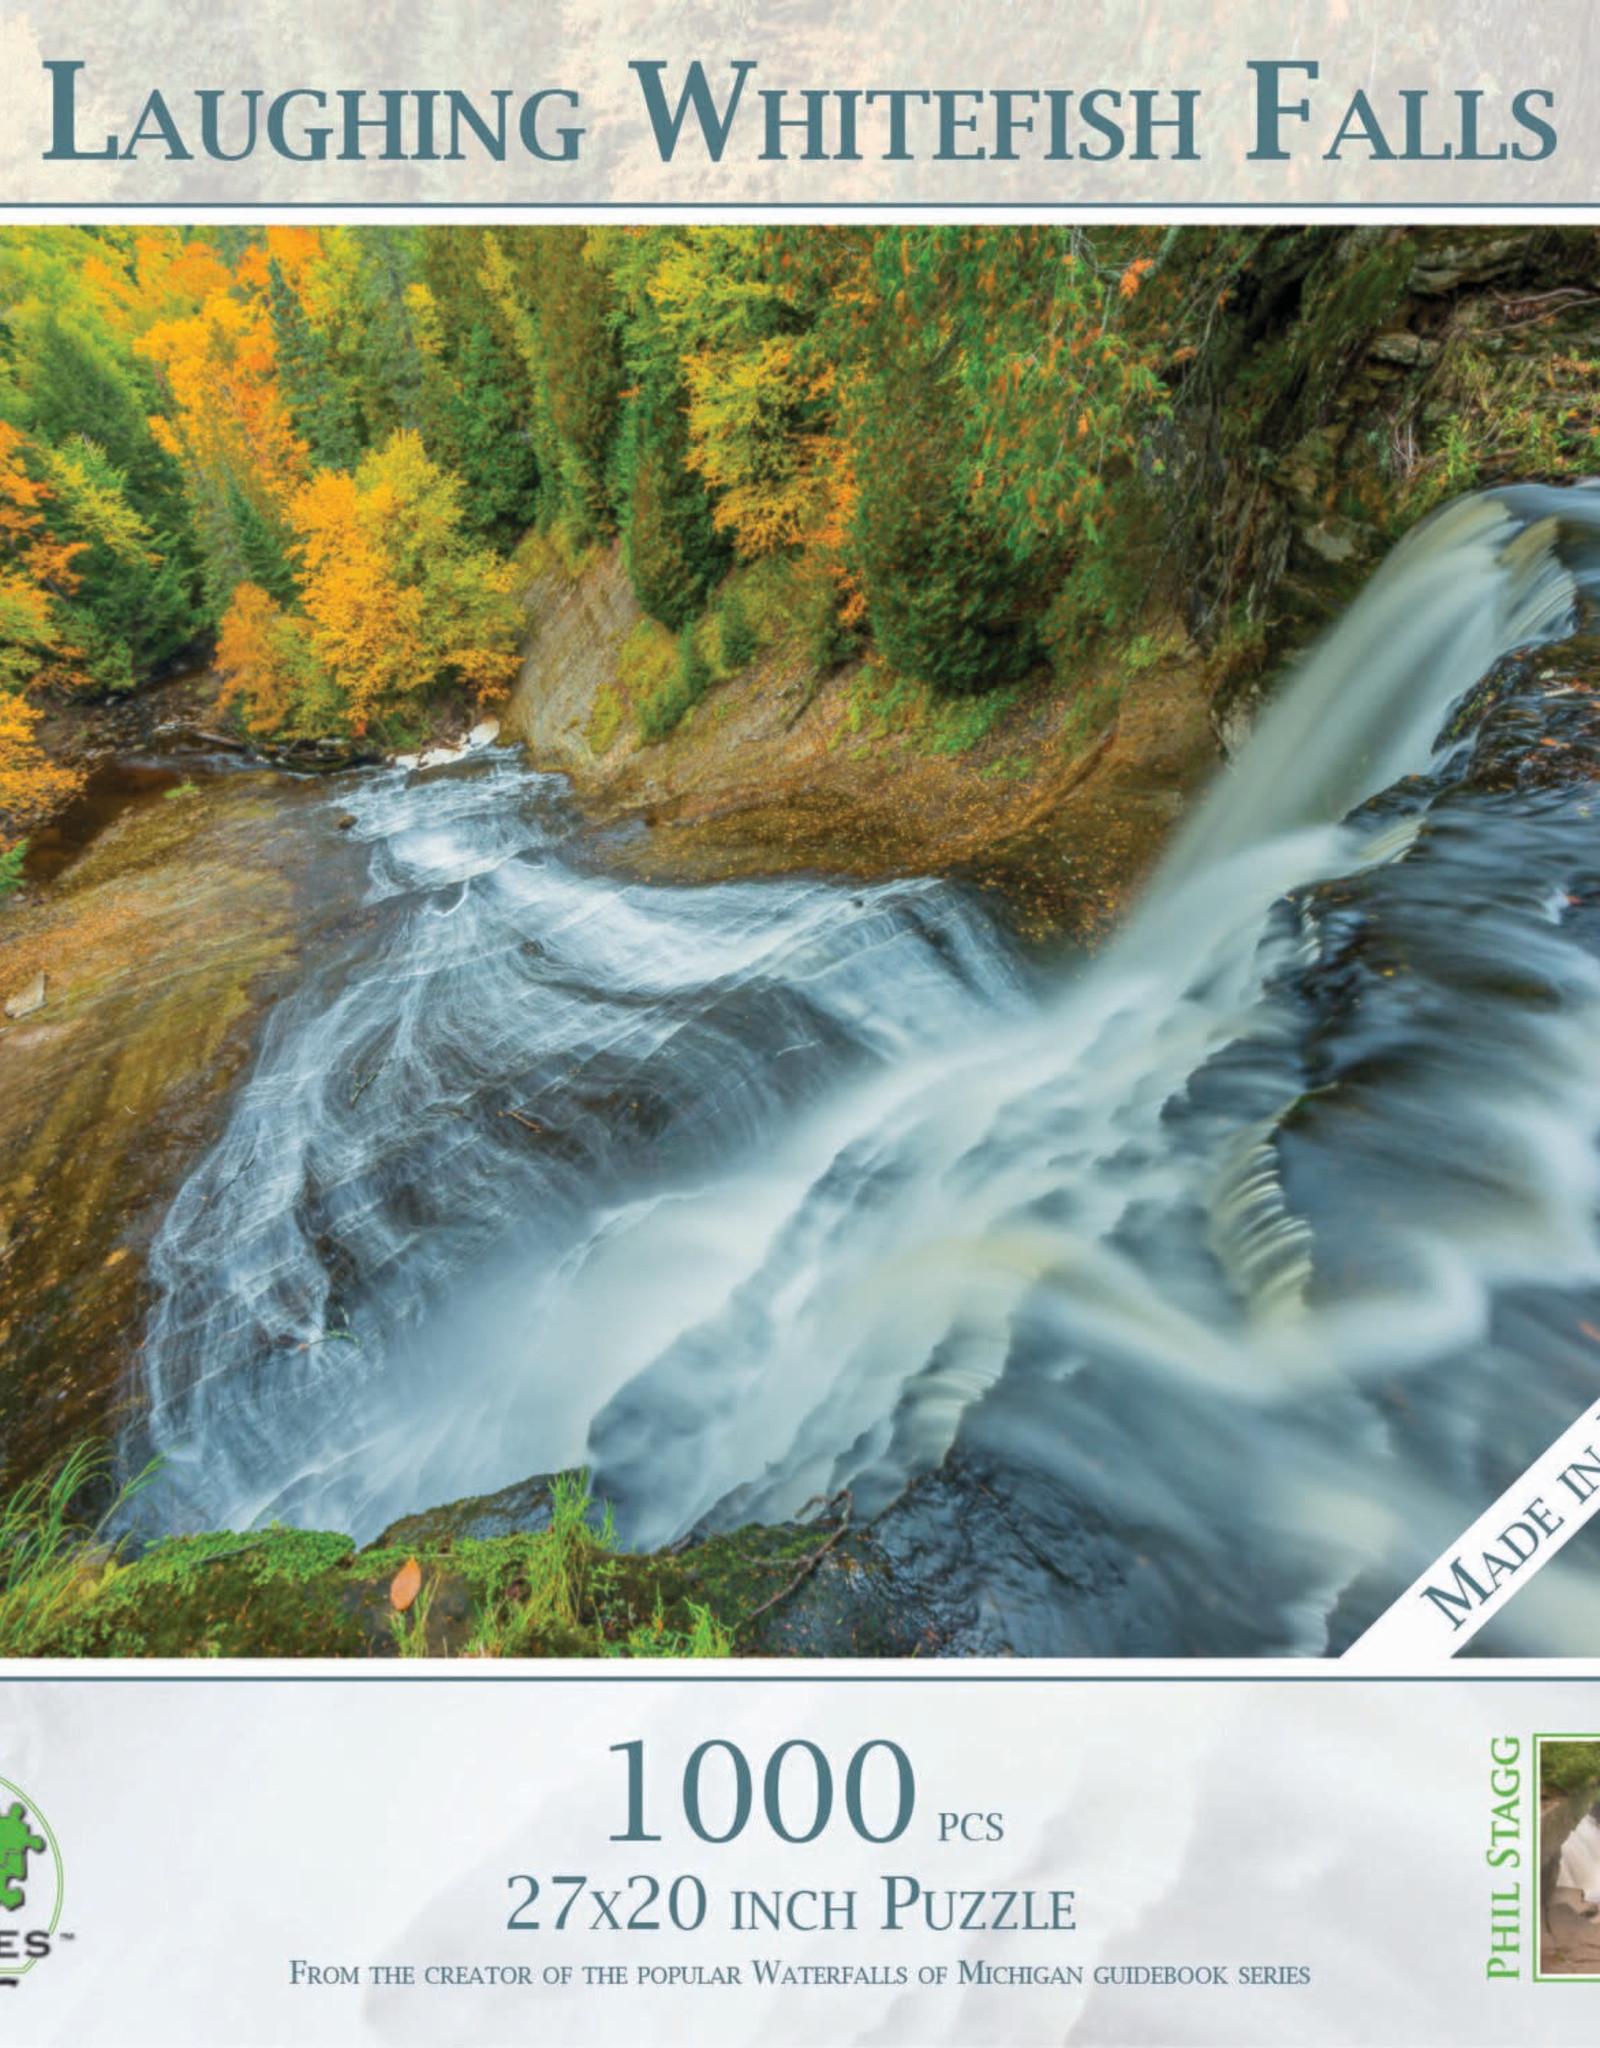 MI Puzzles 1000pc Laughing Whitefish Falls